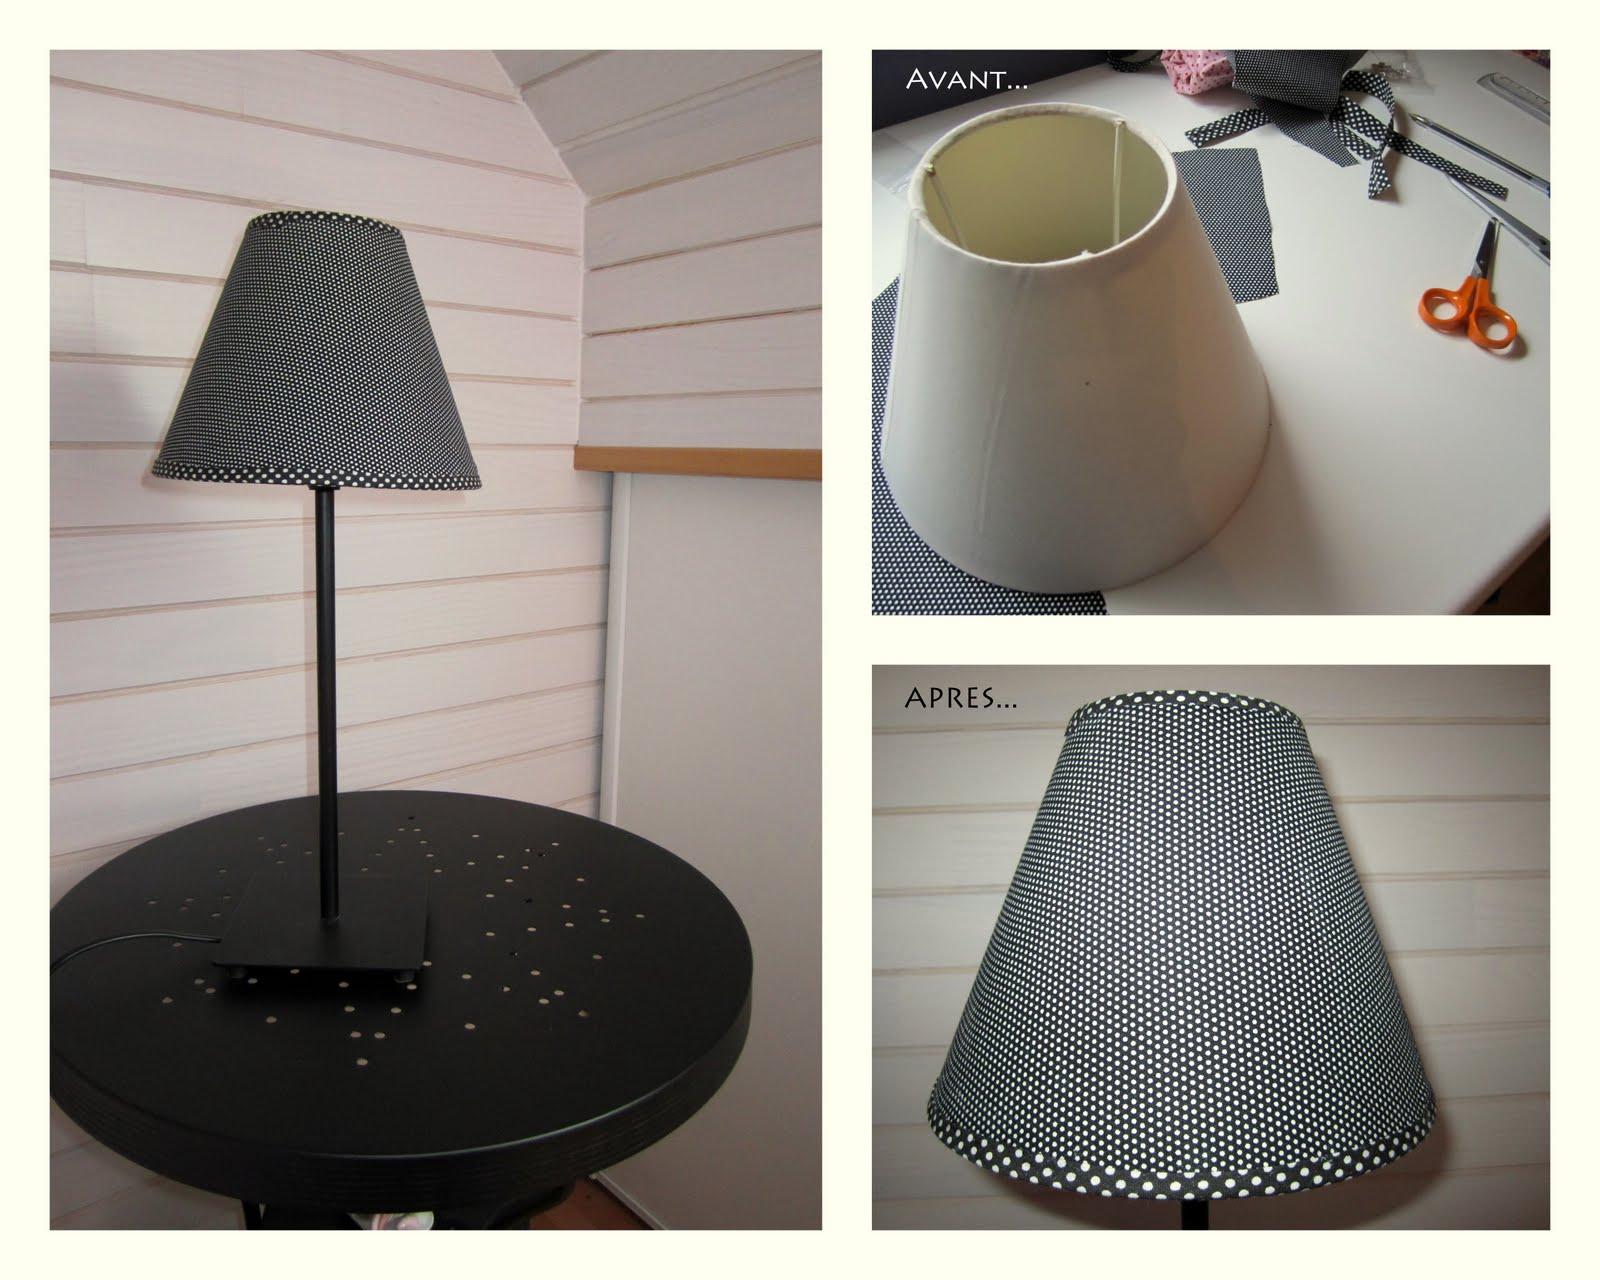 pin abat jour pour lampadaire tissu et papier english wallpaper on pinterest. Black Bedroom Furniture Sets. Home Design Ideas